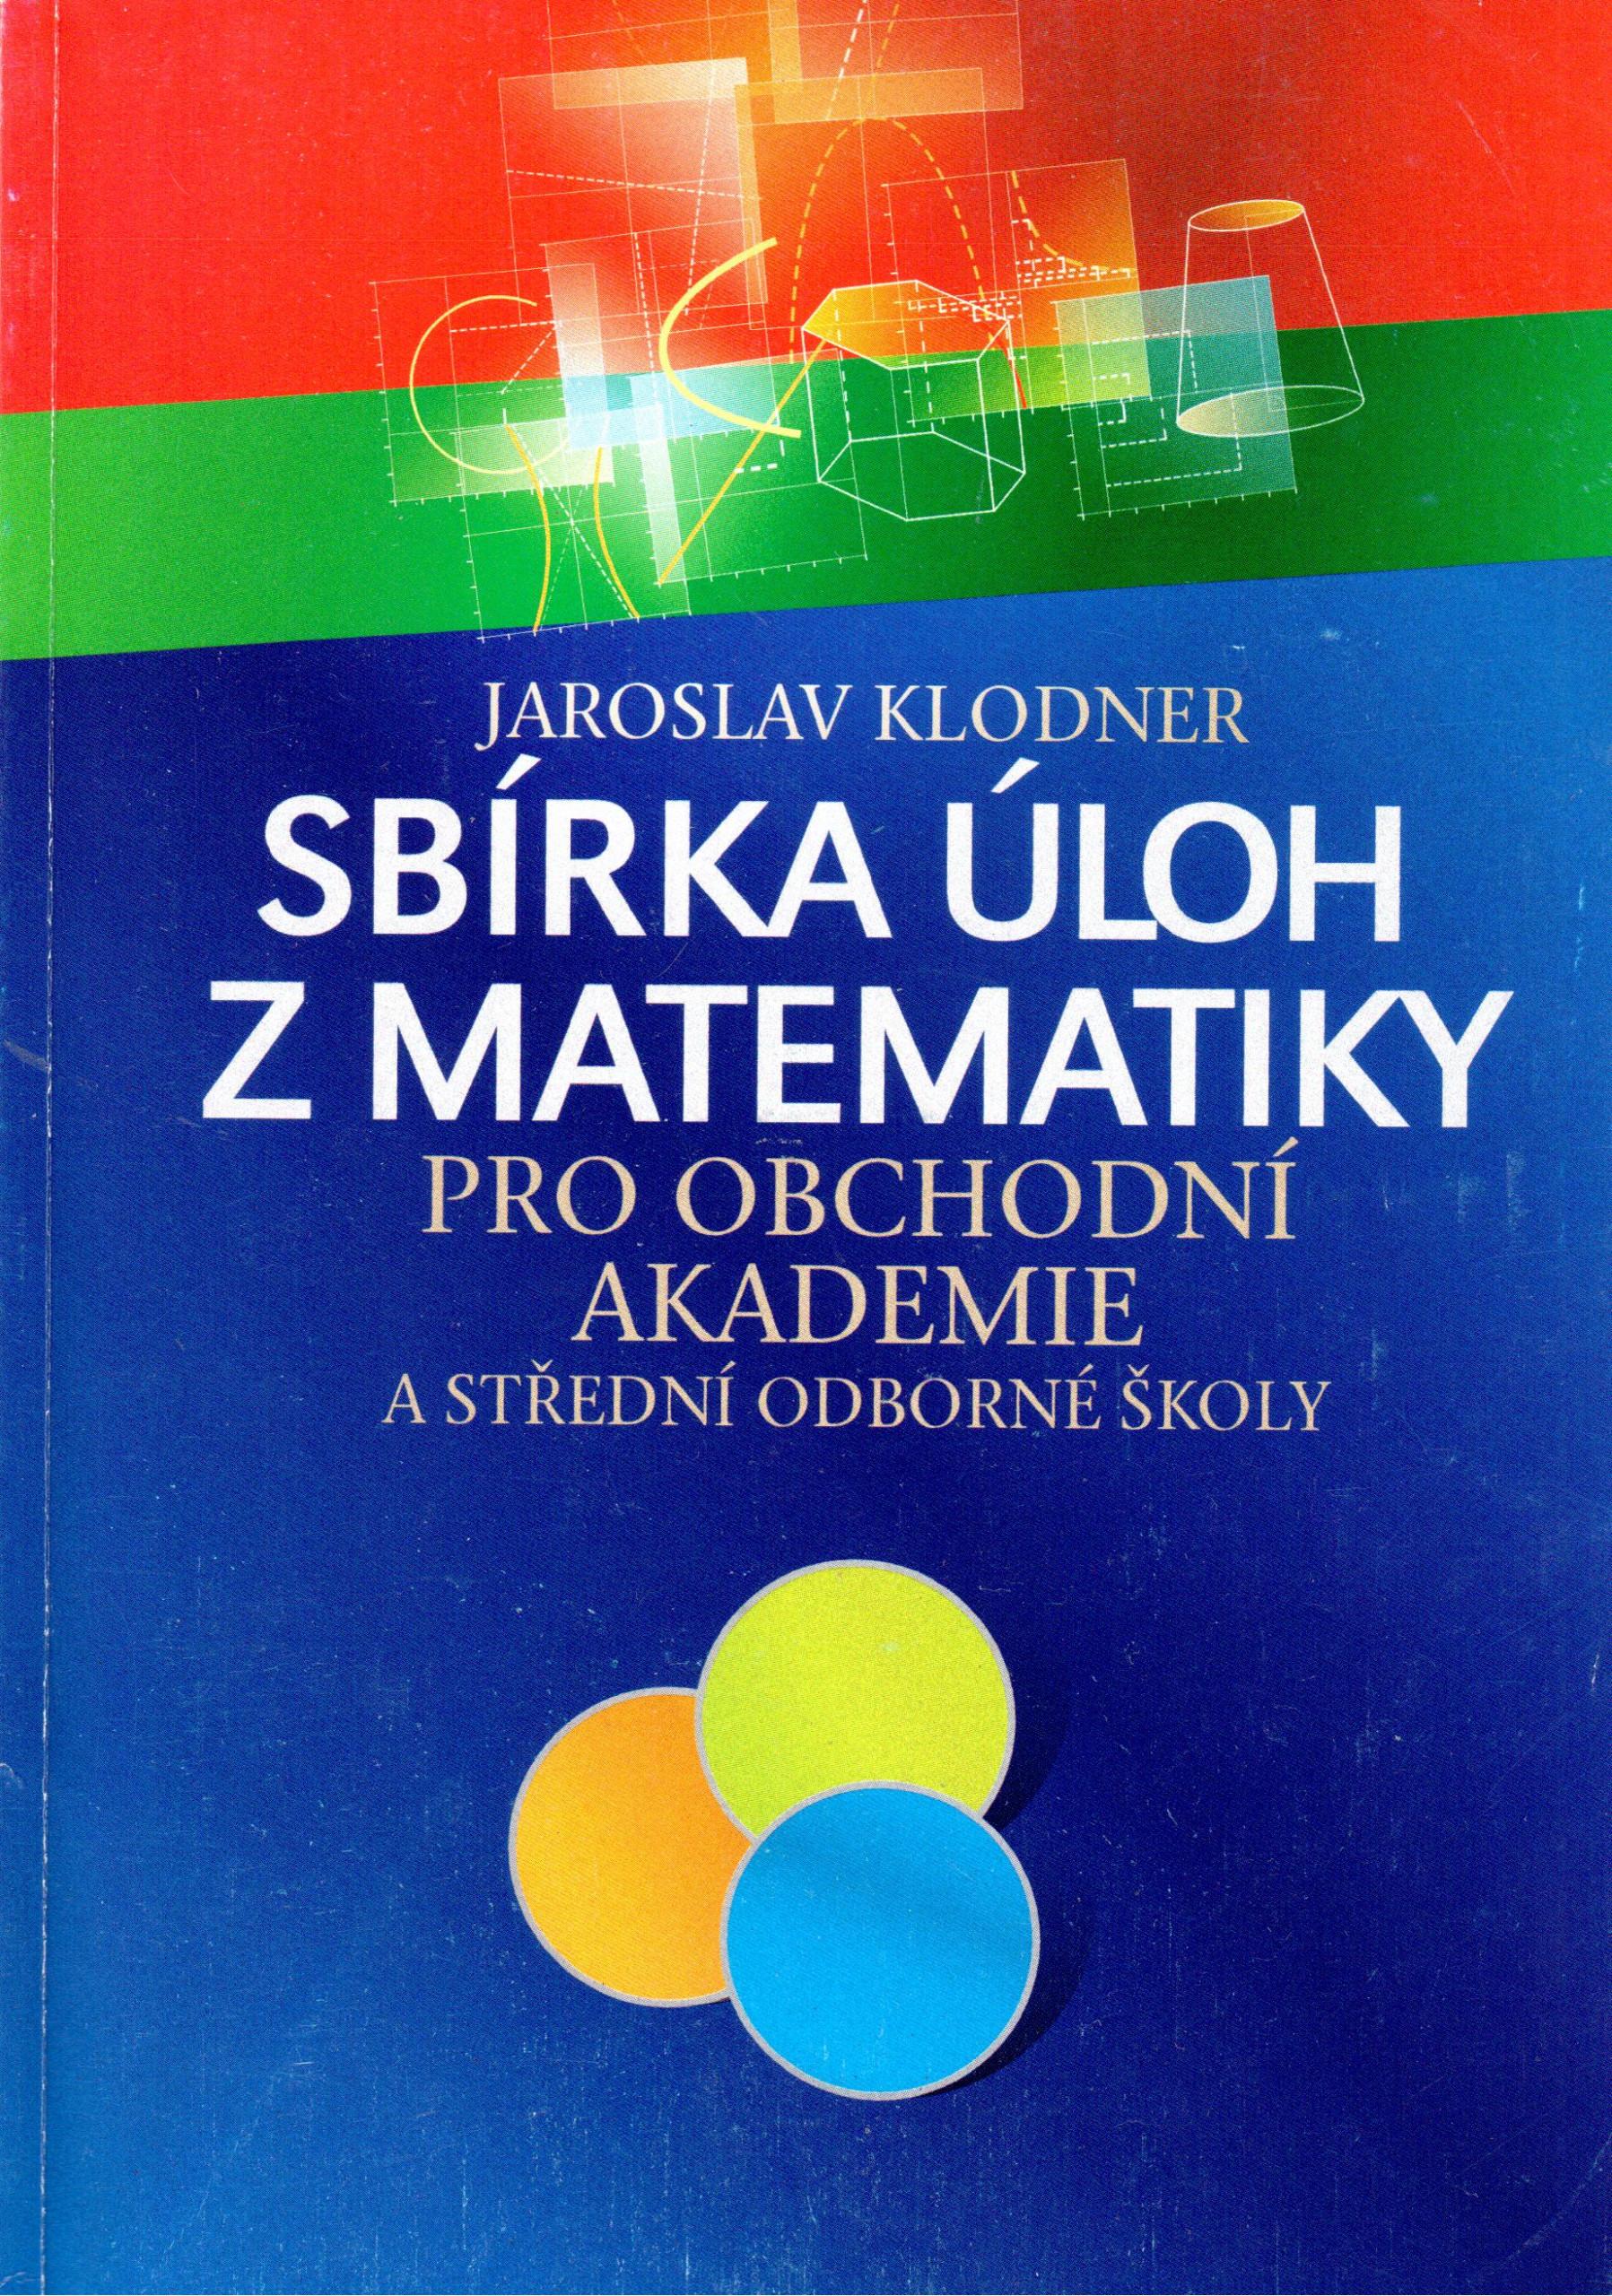 Sbírka úloh z matematiky pro obchodní akademie a střední odborné školy - Náhled učebnice